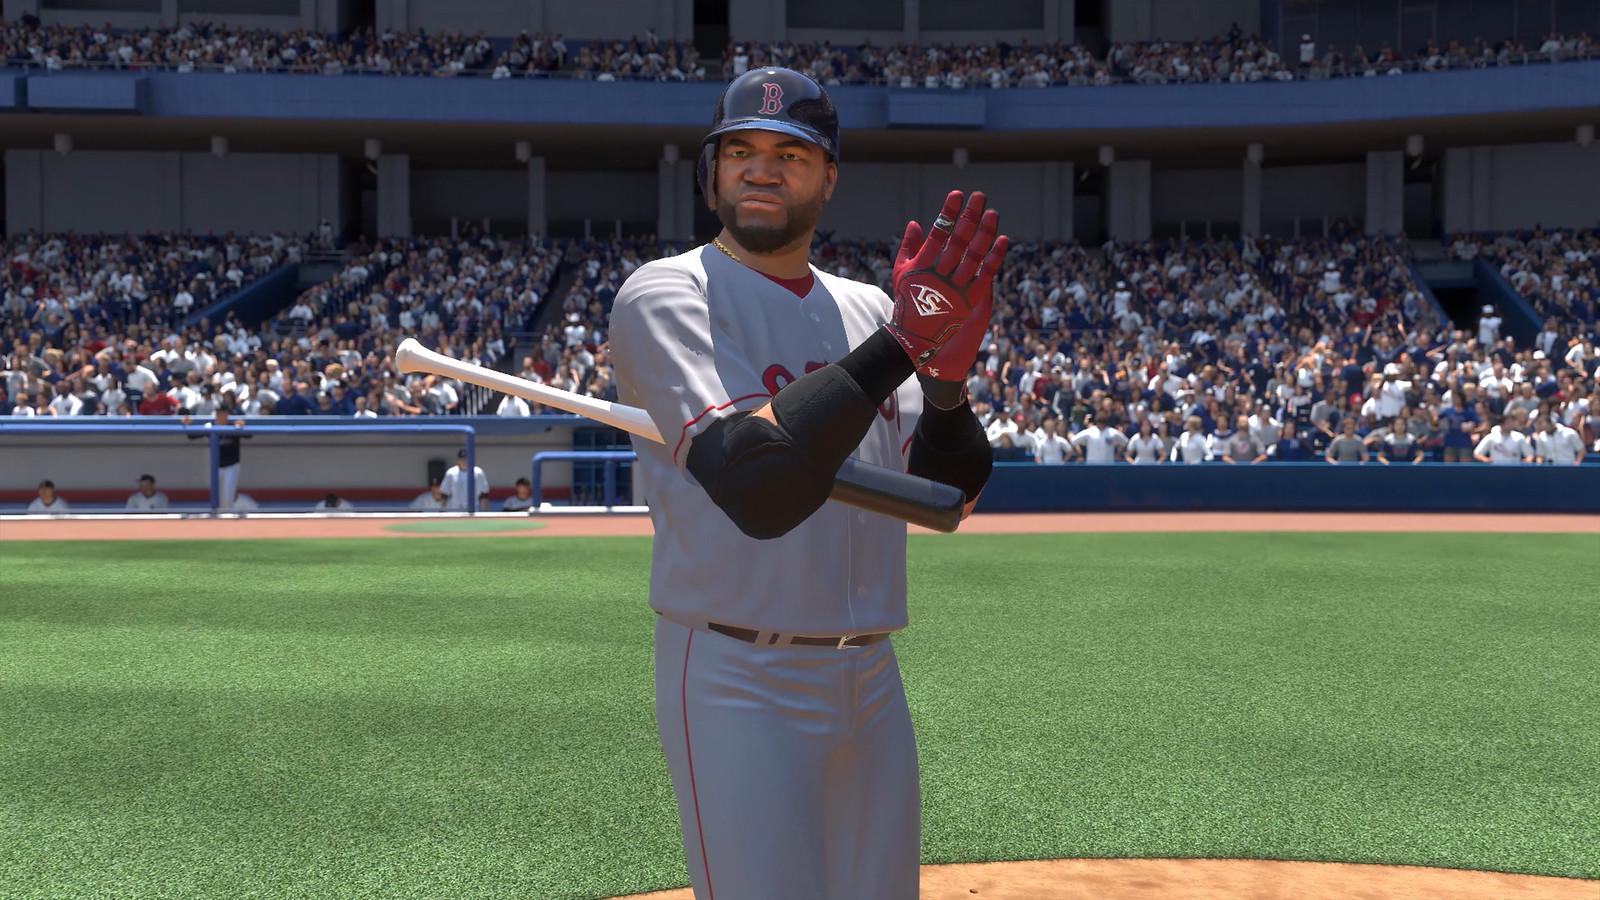 49667115812 640eca2ef8 h - MLB The Show 20 erscheint heute für PS4 – jetzt 10 Features und Tipps lesen